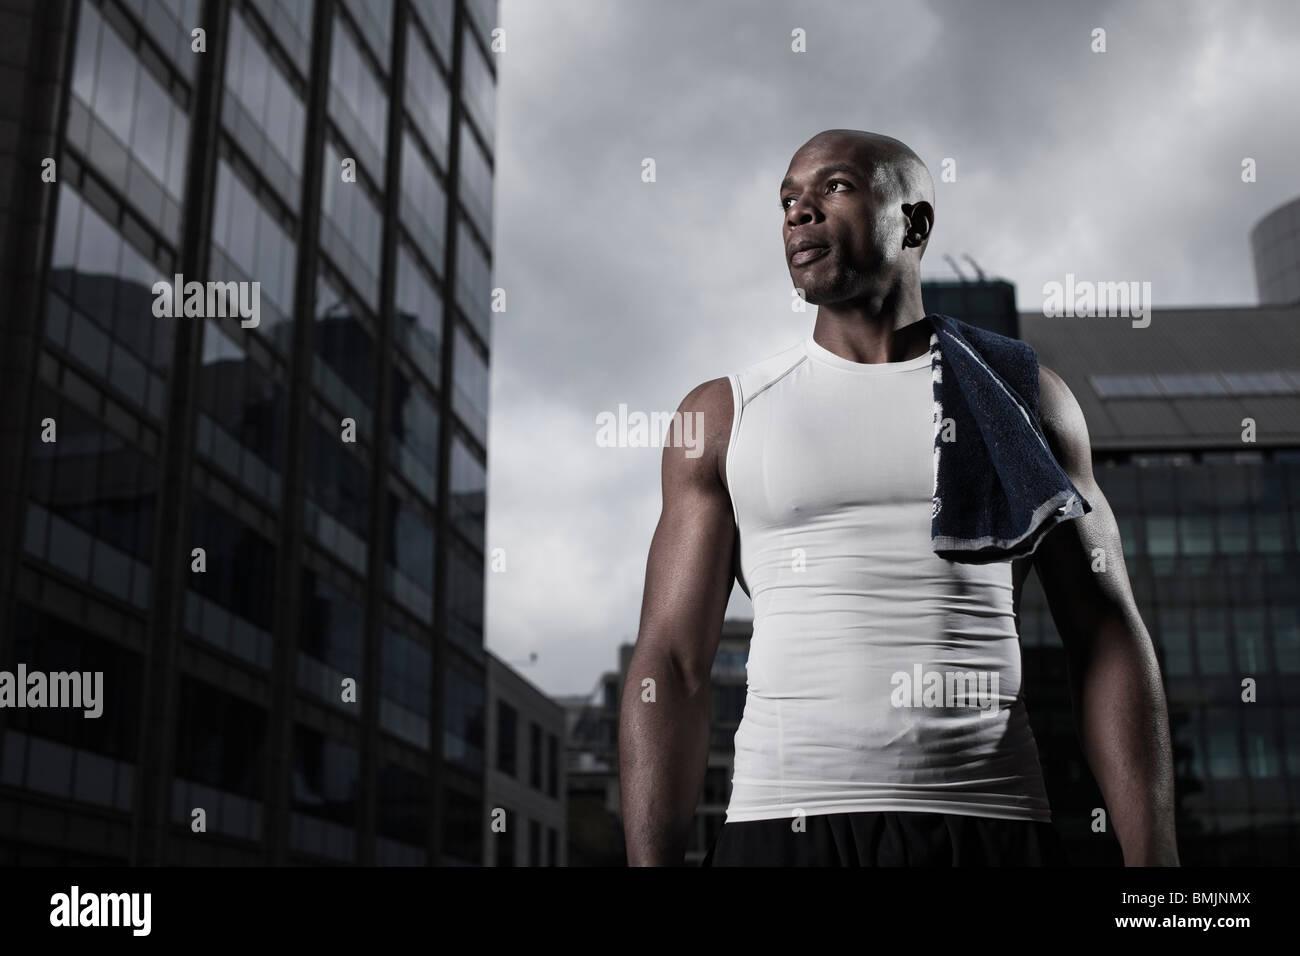 Mettre en place un homme portant des vêtements de sport par des bâtiments de la ville moderne en arrière Photo Stock